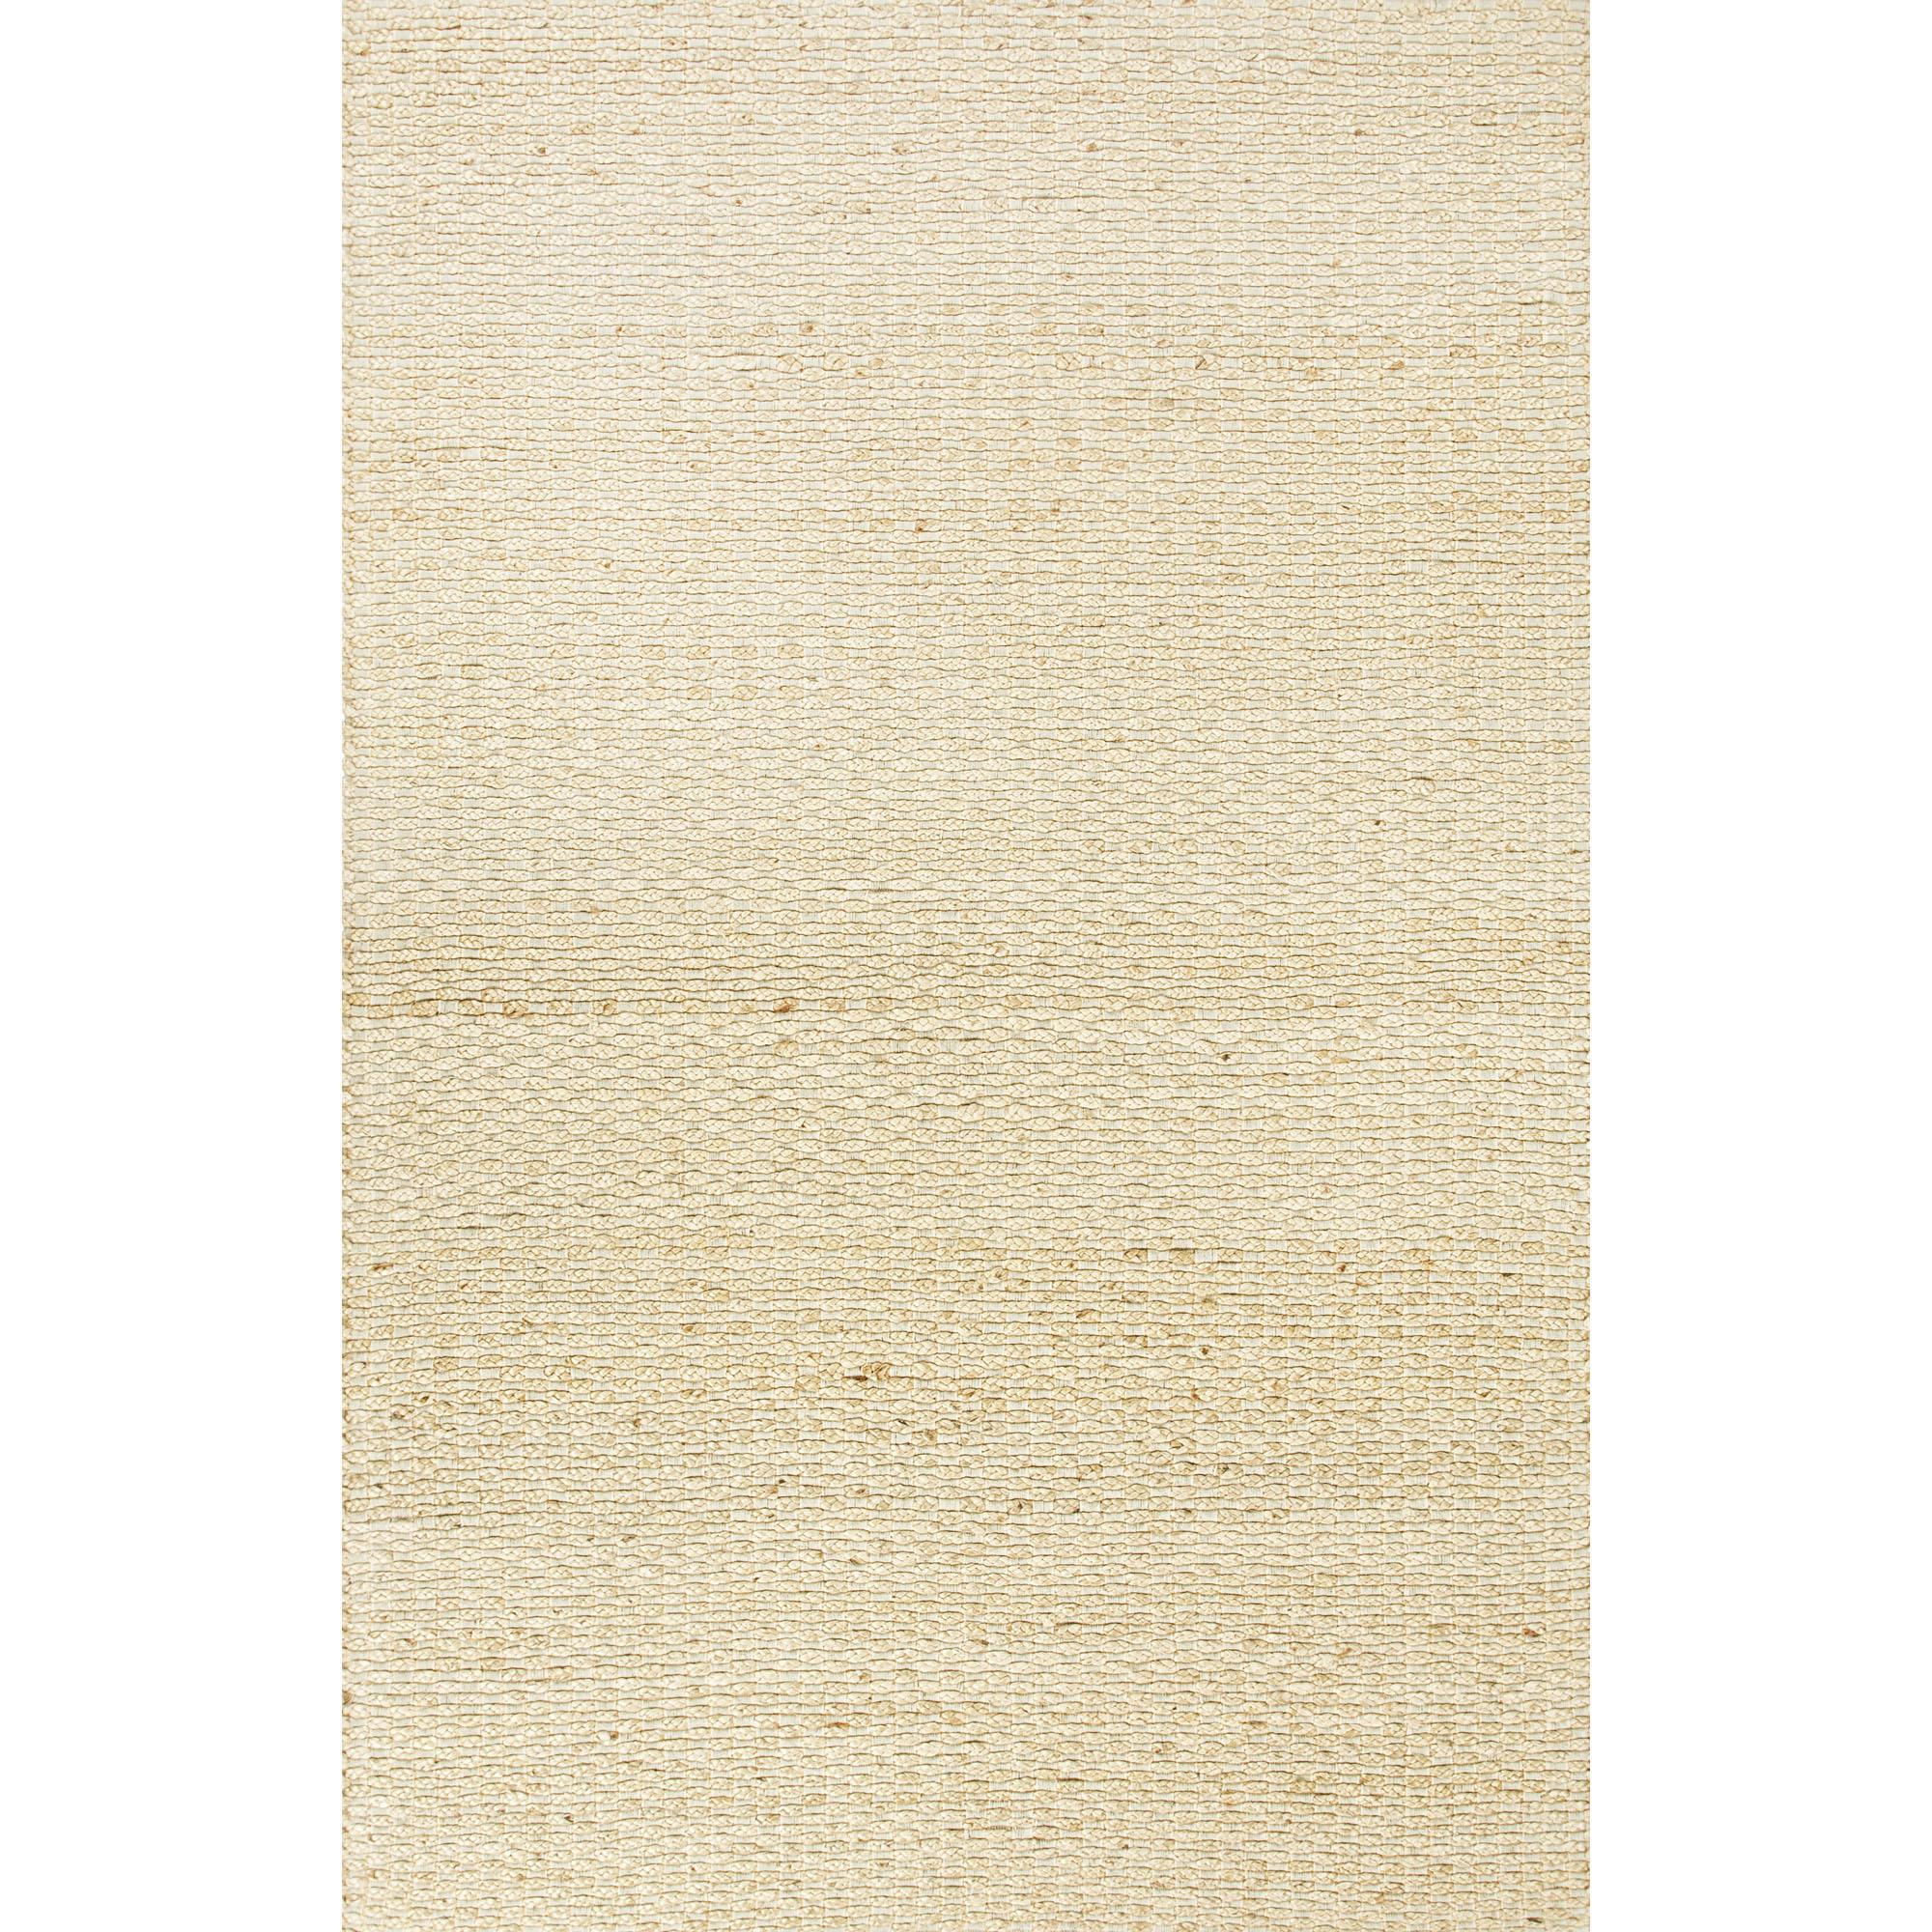 JAIPUR Rugs Andes 3.6 x 5.6 Rug - Item Number: RUG100011